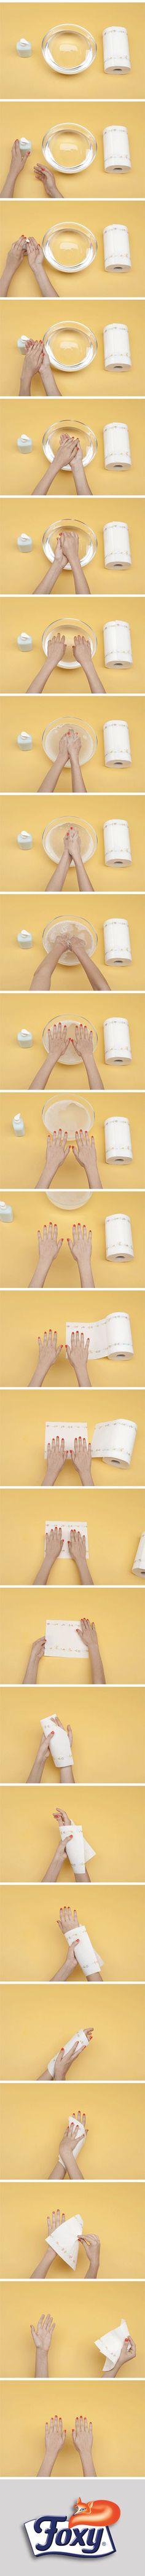 Le mani sono lo strumento più importante per chi cucina. Per questo vanno trattate con cura!   Scopri consigli utili su http://www.foxymega.it/optimize/impara-come-ottimizzarlo.php?id=Mani  #optimize #foxy #mani #cucina #igiene